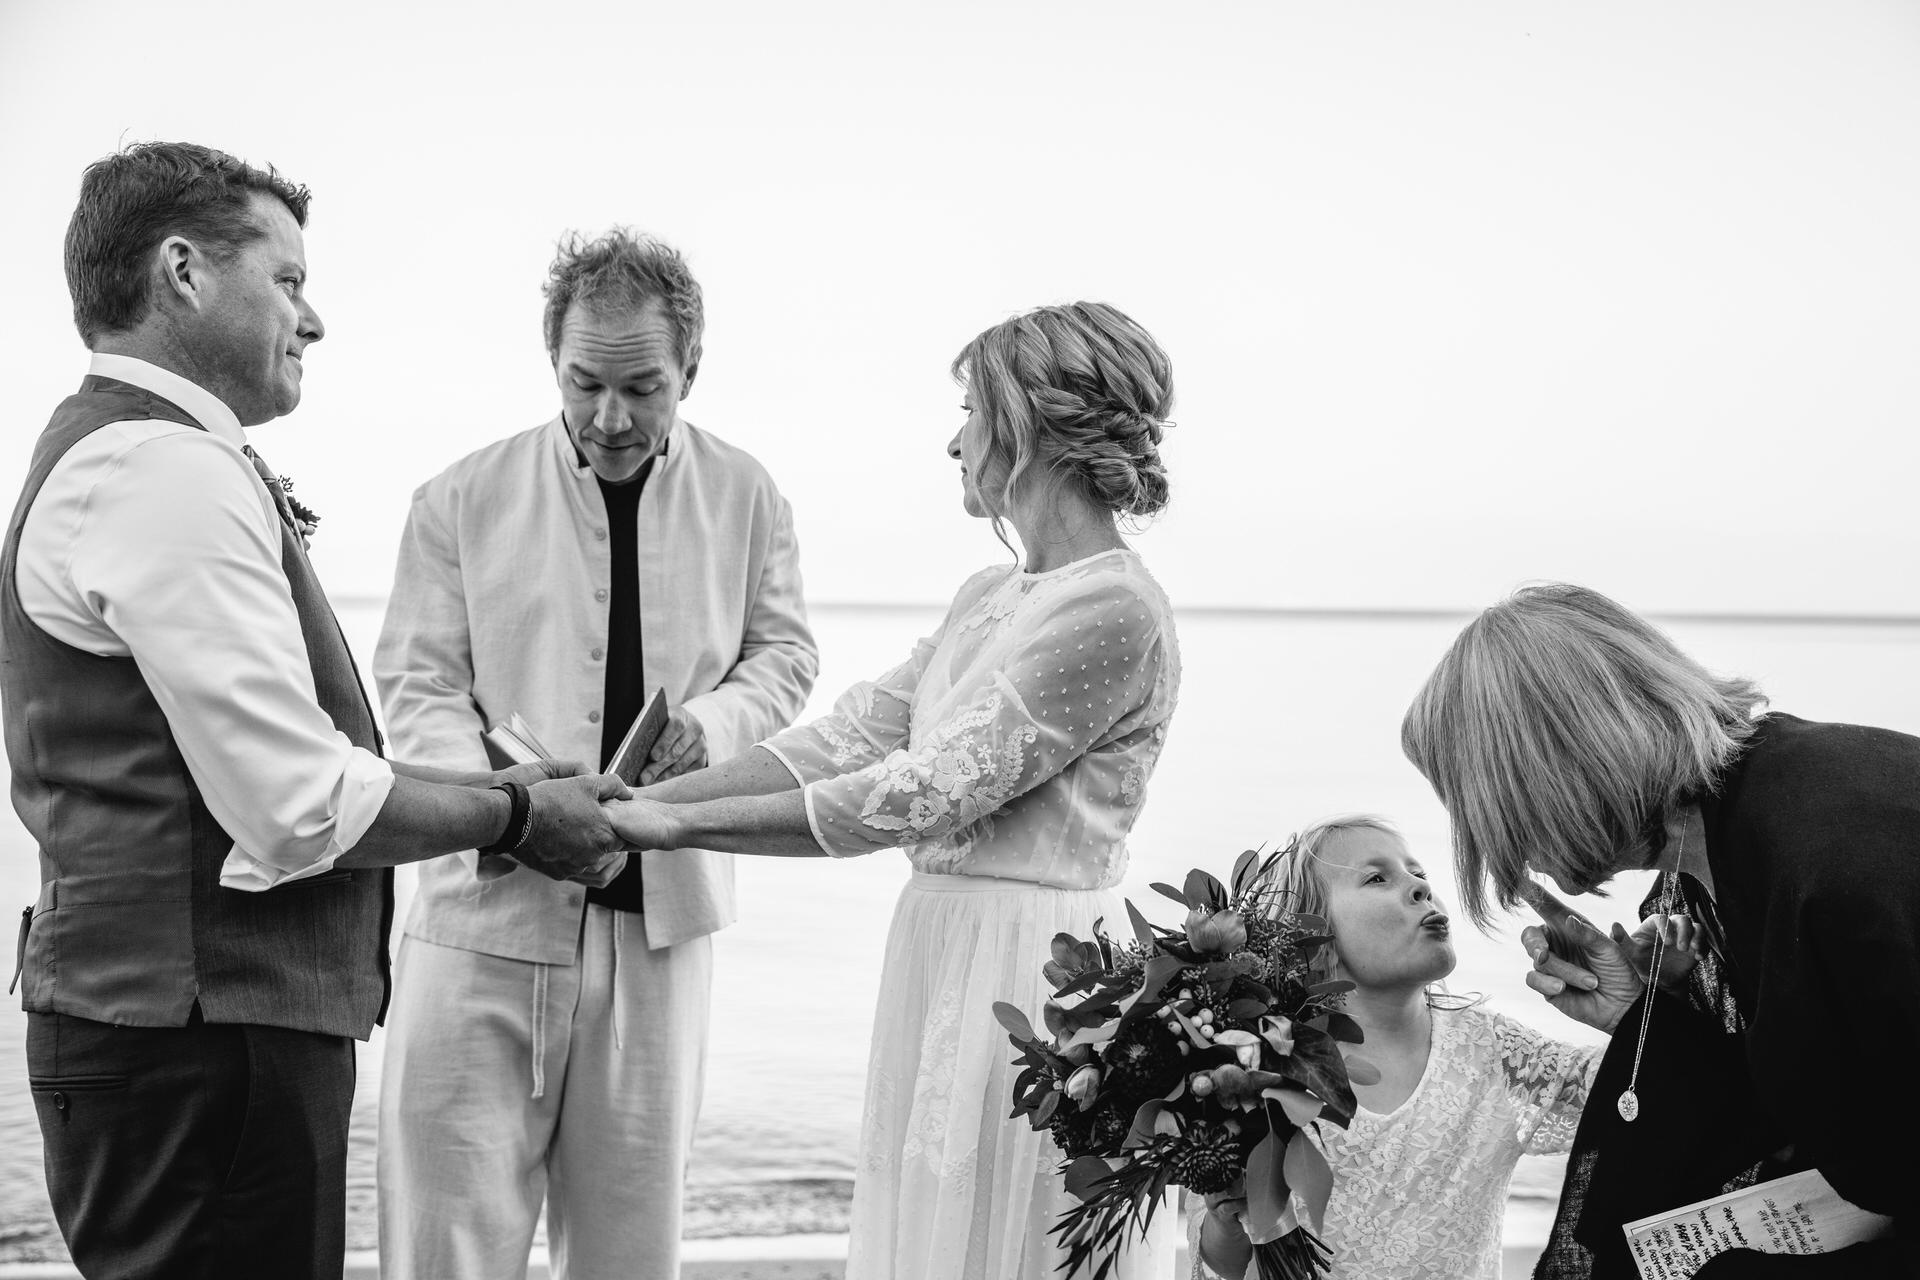 Nicky Byrnes, de Californie, est un photographe de mariage pour